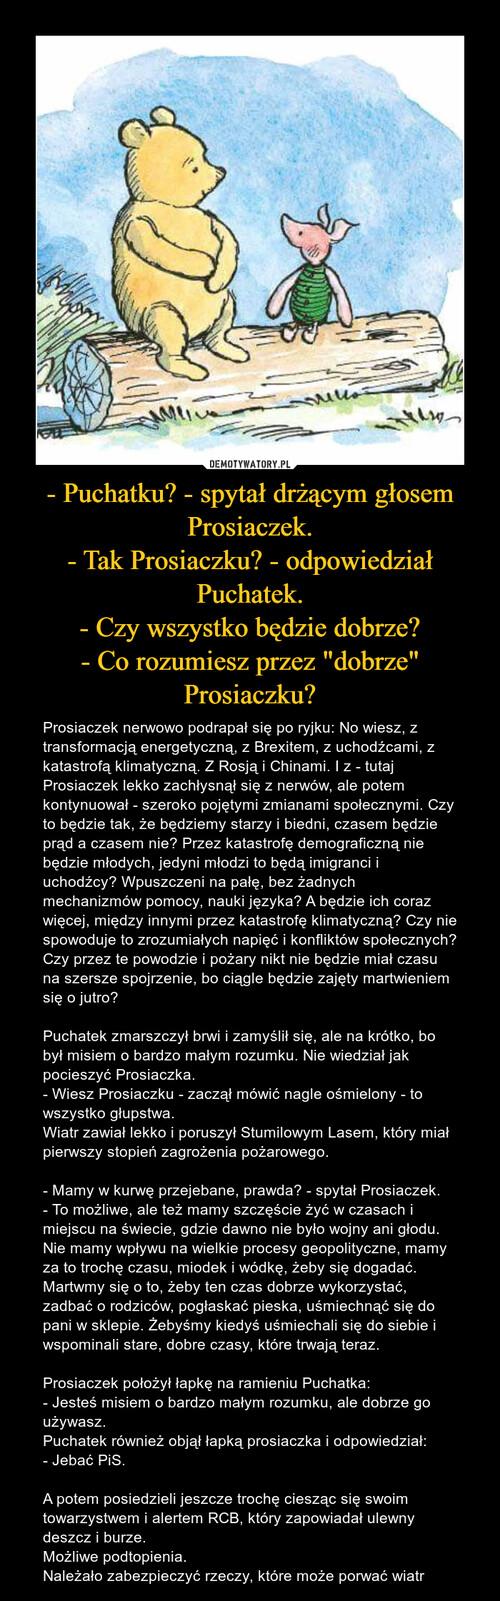 """- Puchatku? - spytał drżącym głosem Prosiaczek. - Tak Prosiaczku? - odpowiedział Puchatek. - Czy wszystko będzie dobrze? - Co rozumiesz przez """"dobrze"""" Prosiaczku?"""